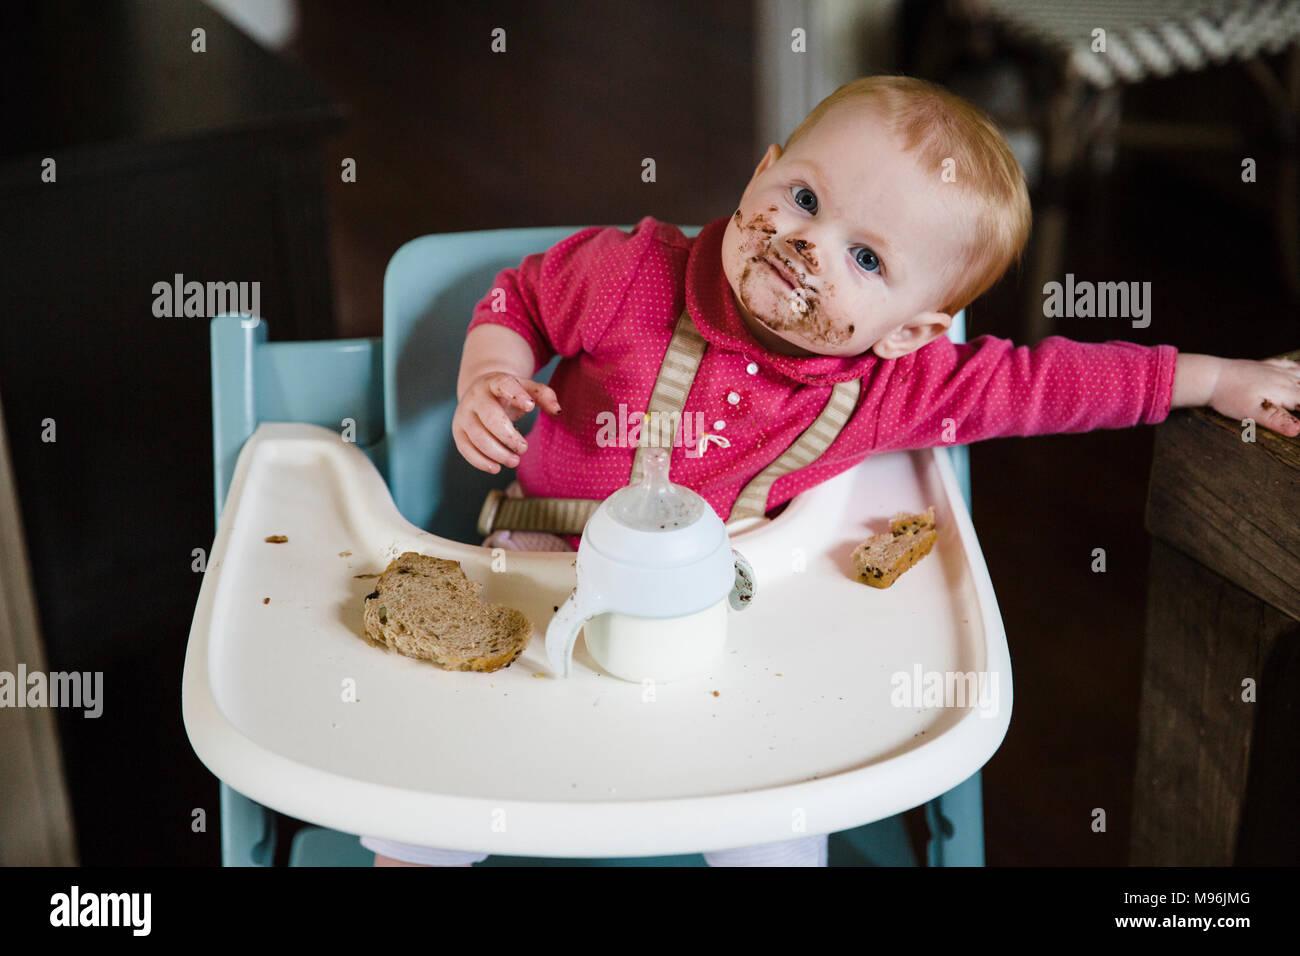 Bebé en silla alta con cara sucia comiendo comida Foto de stock